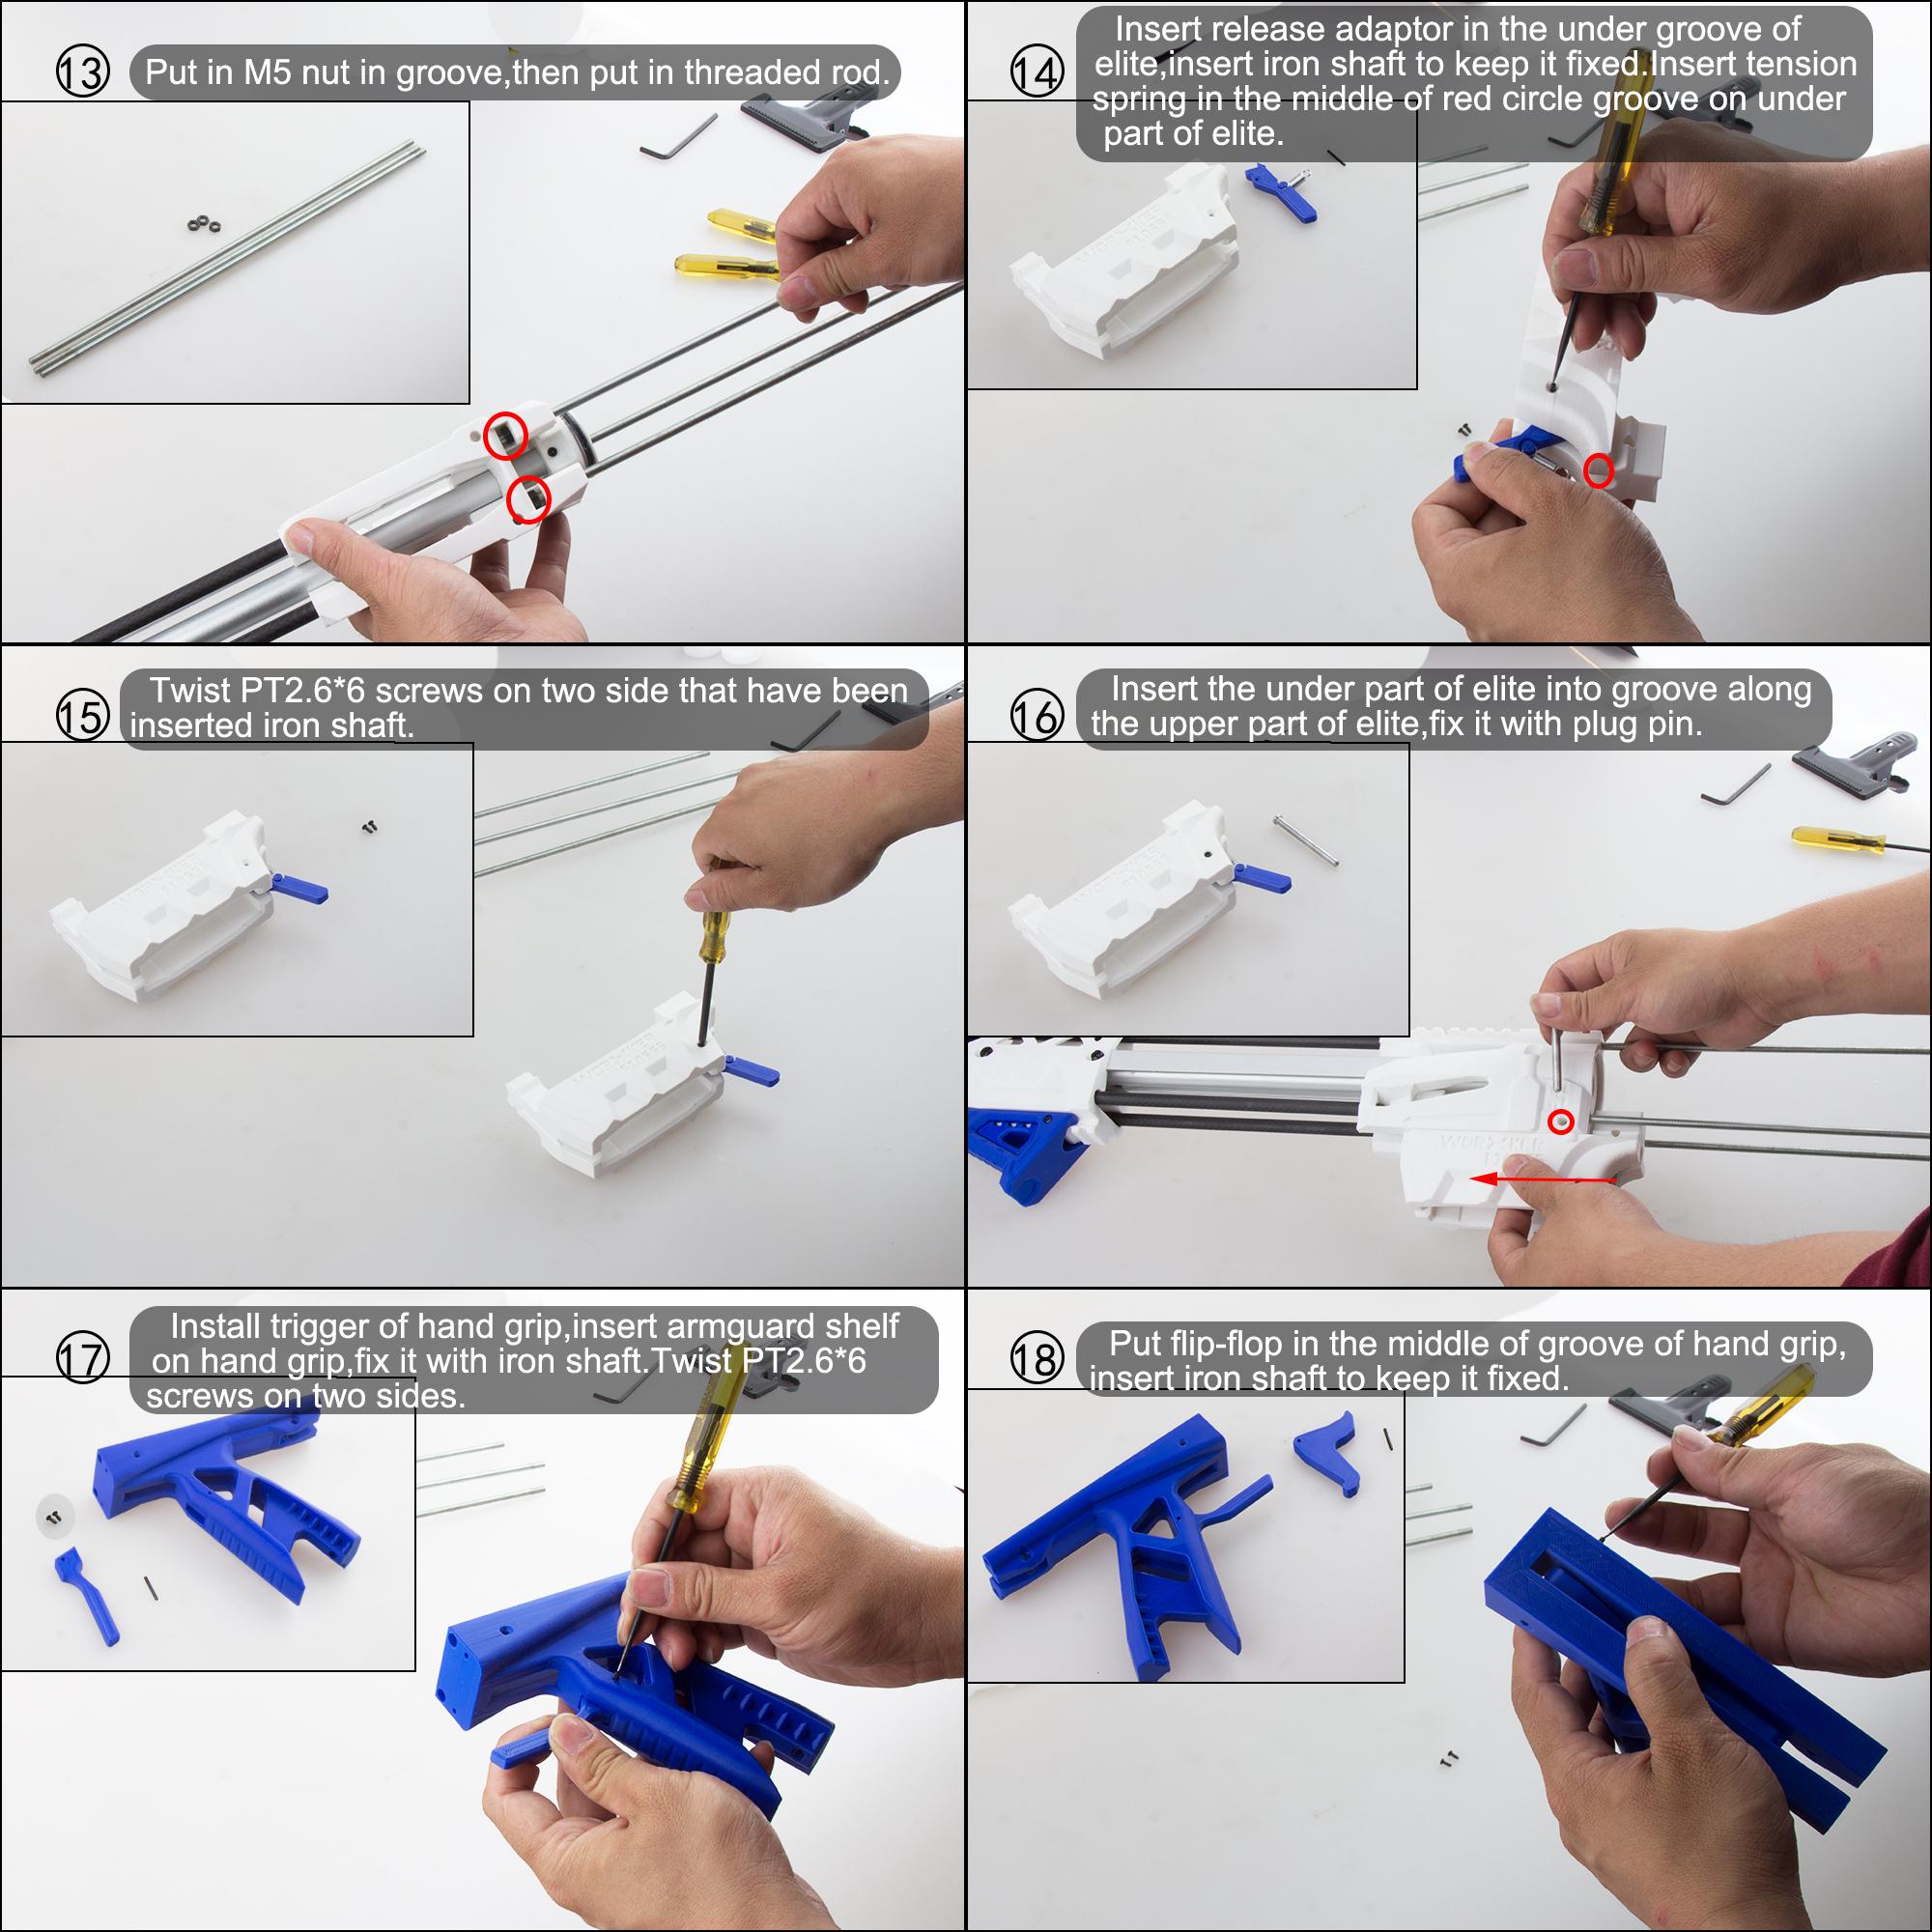 Worker Caliburn 3D Printed Nerf Blaster Kit v1.1 assembly 3